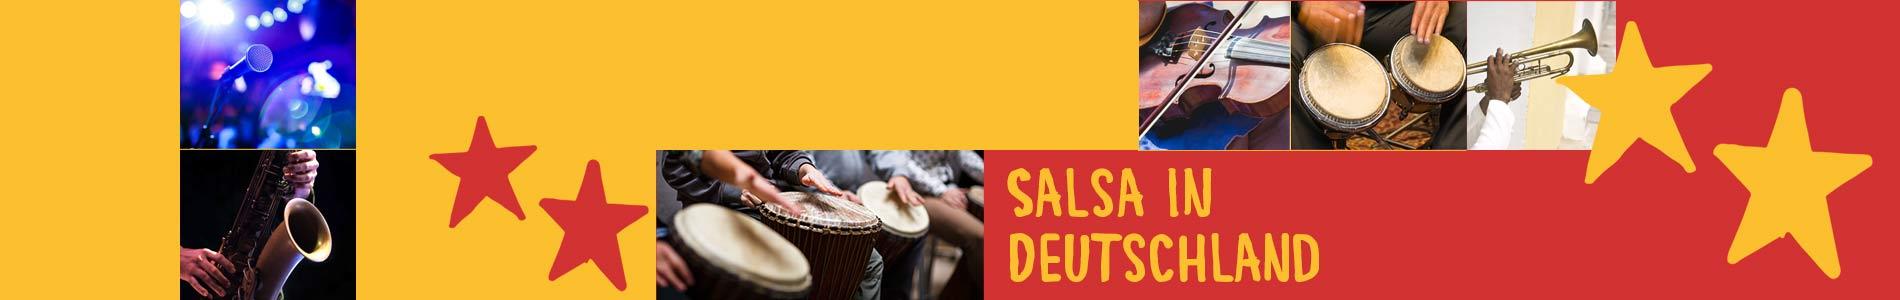 Salsa in Dannstadt-Schauernheim – Salsa lernen und tanzen, Tanzkurse, Partys, Veranstaltungen